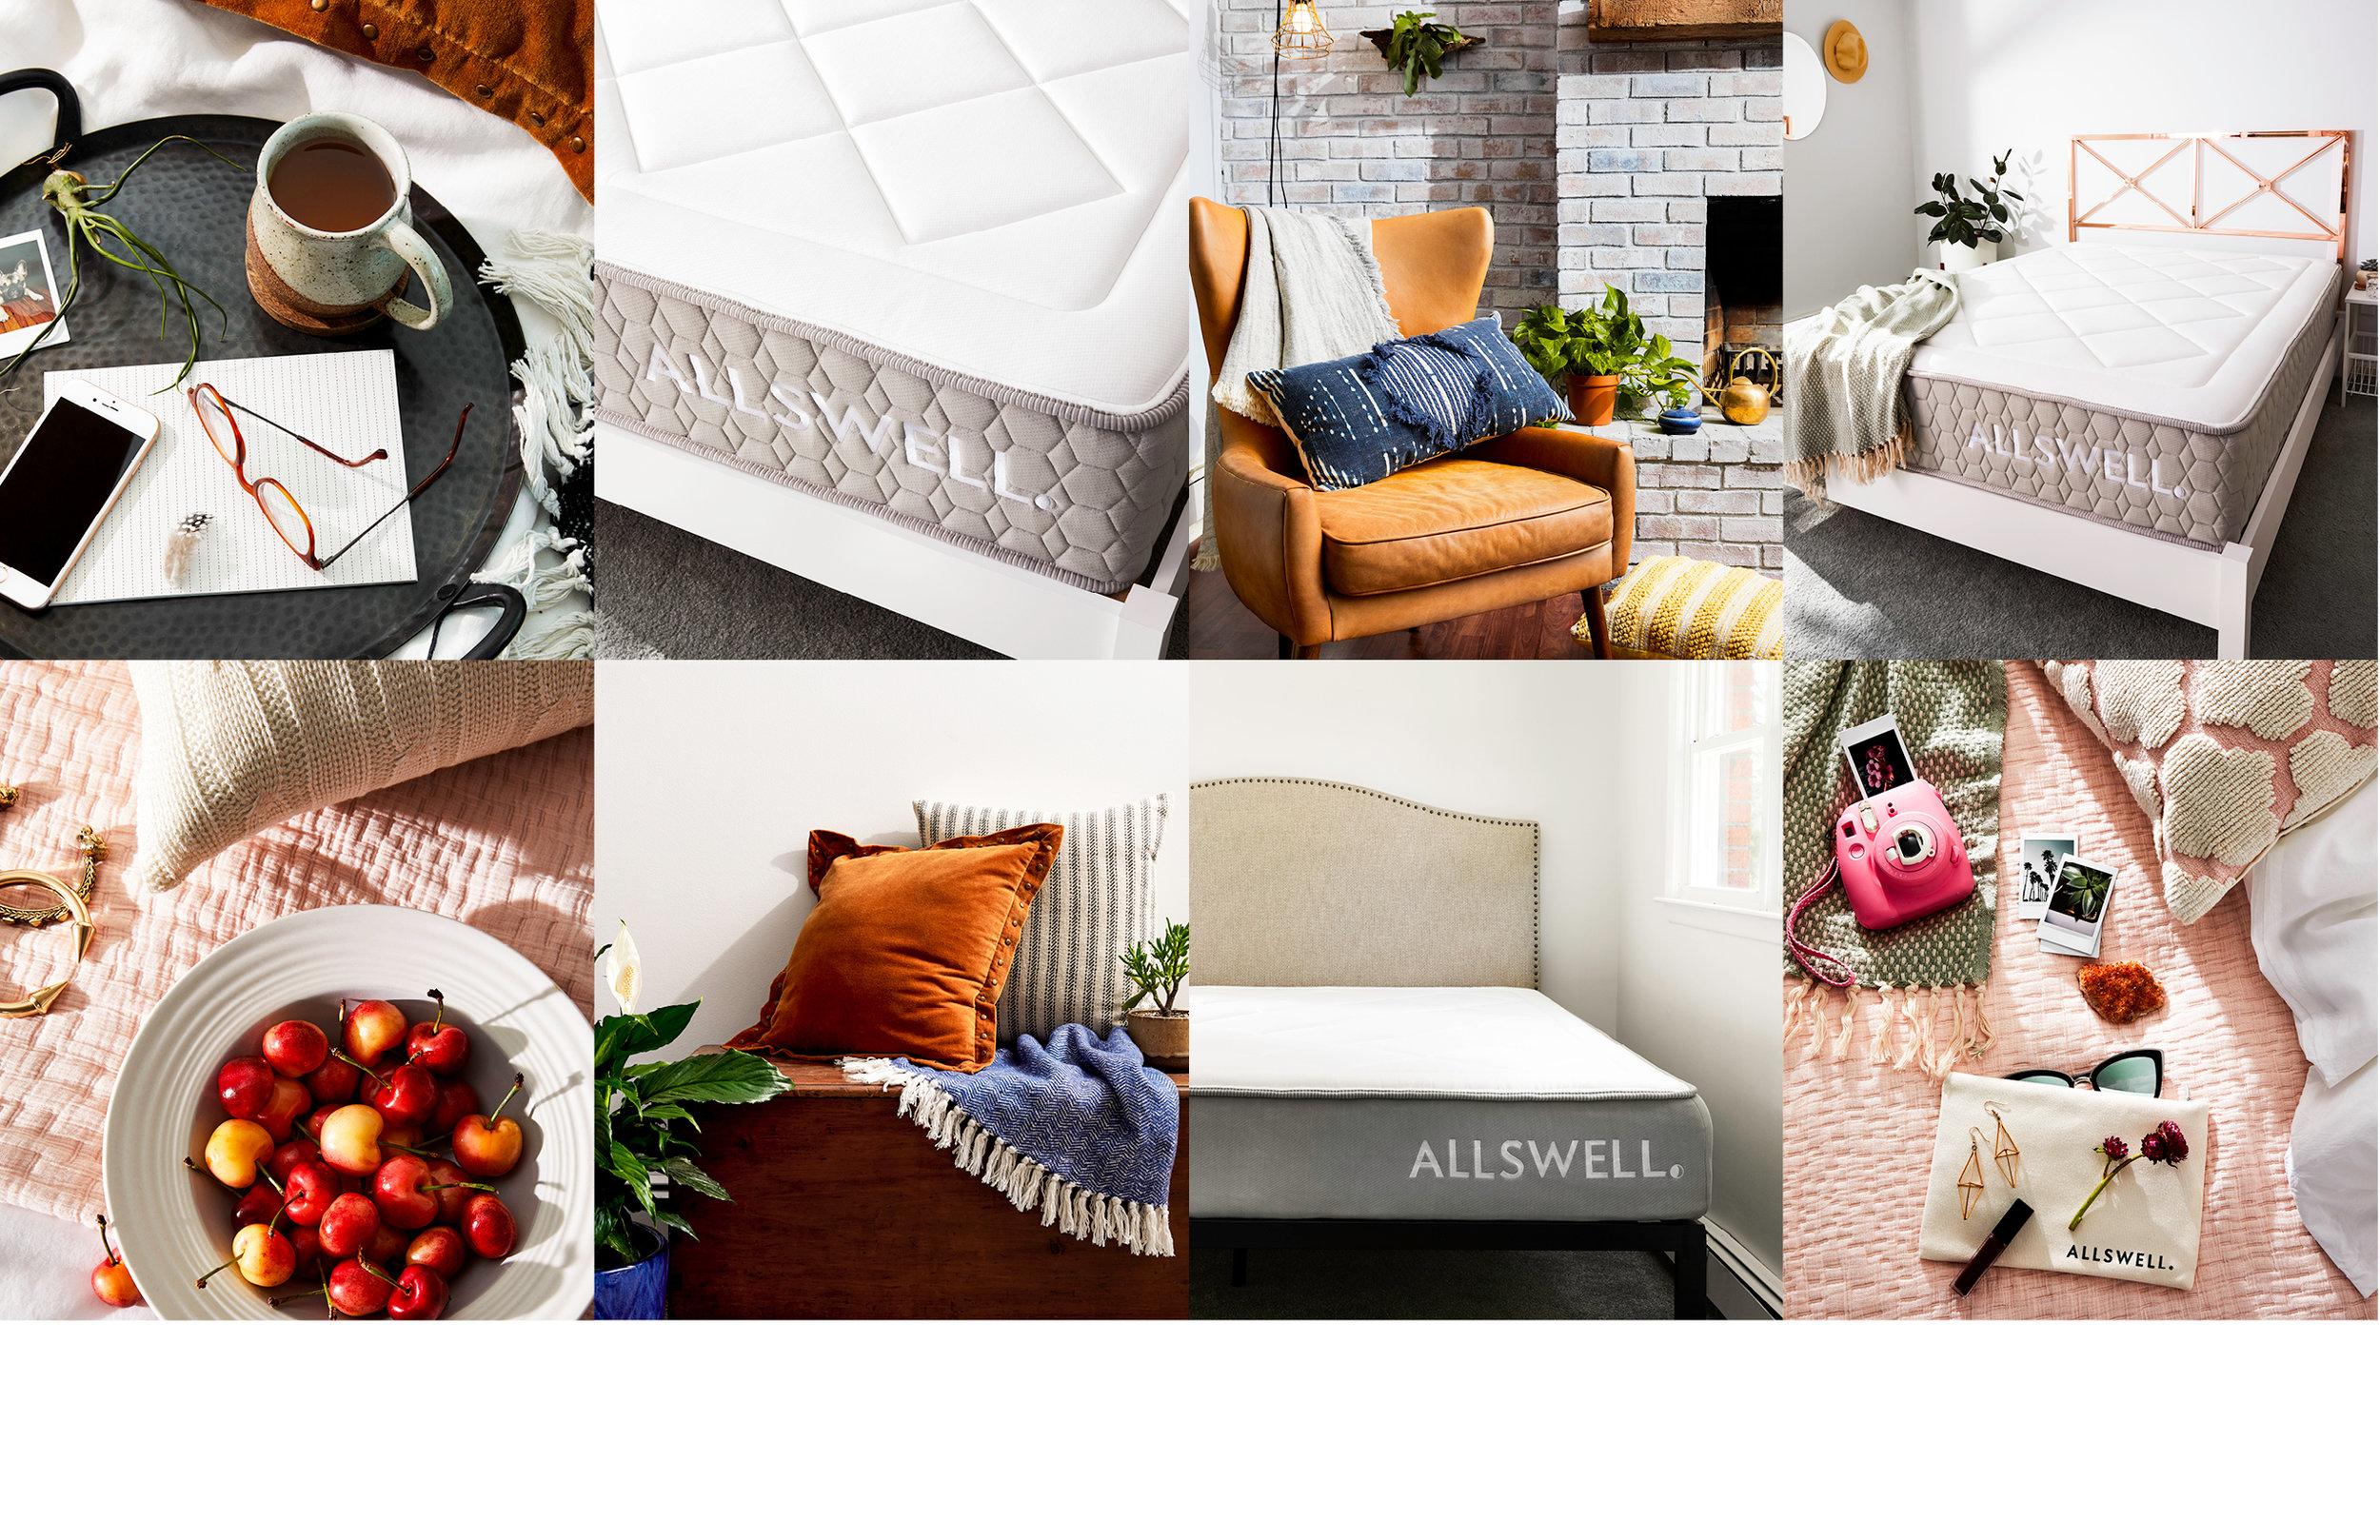 allswell5.jpg